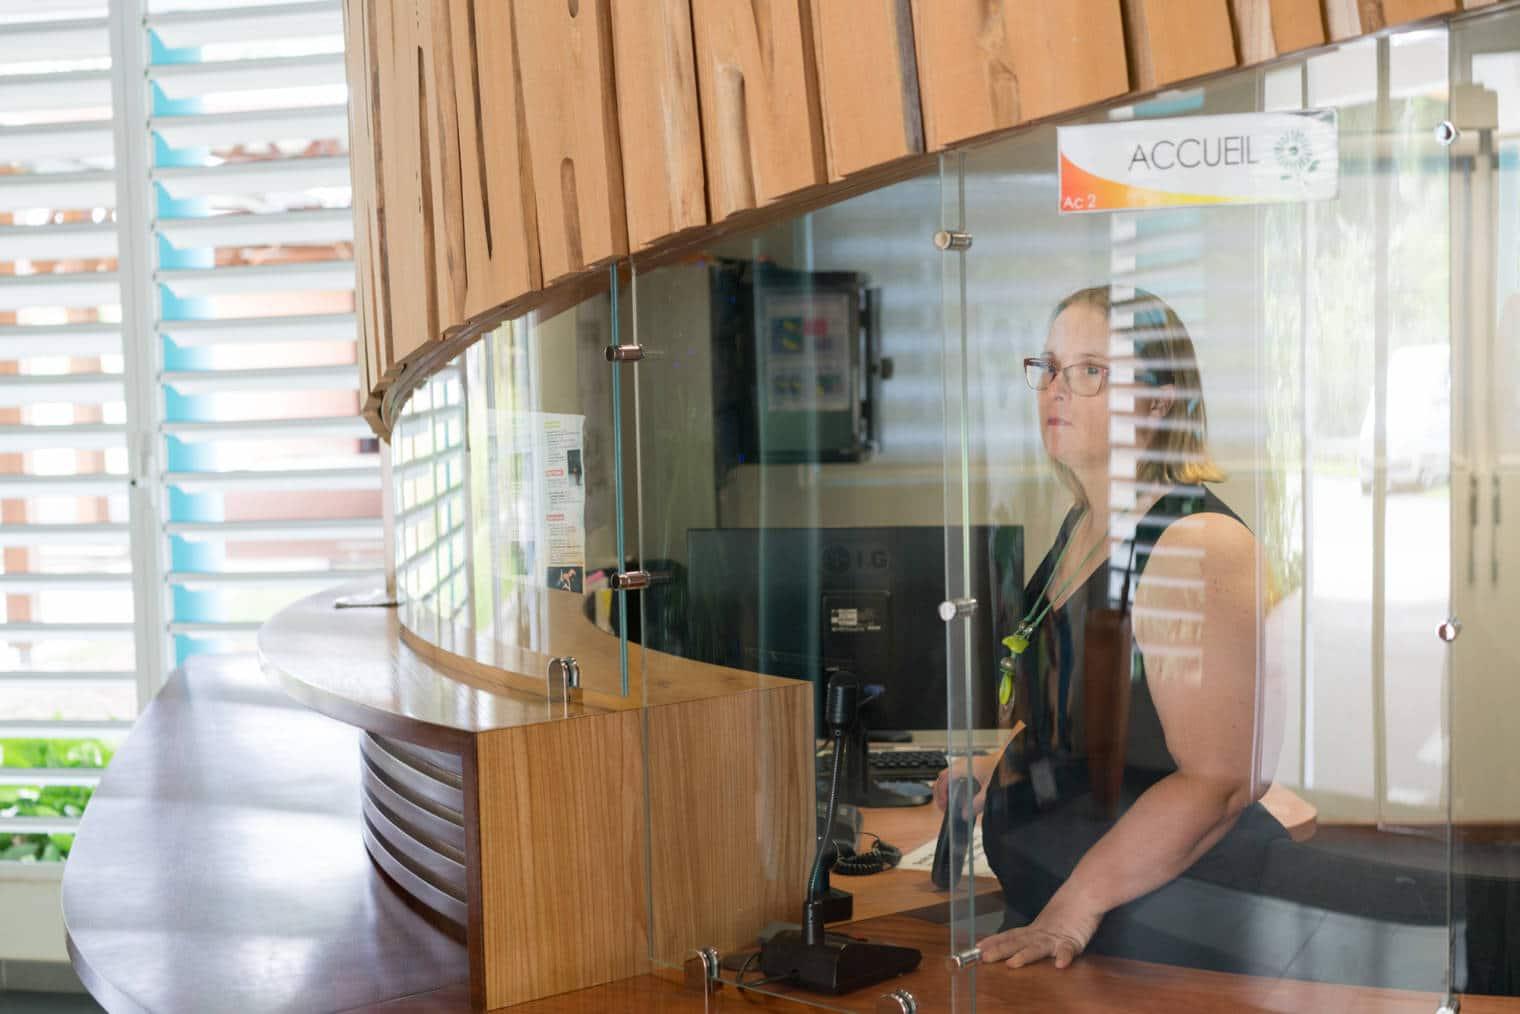 Lucy se tient debout dans son bureau d'accueil, derrière une vitre.